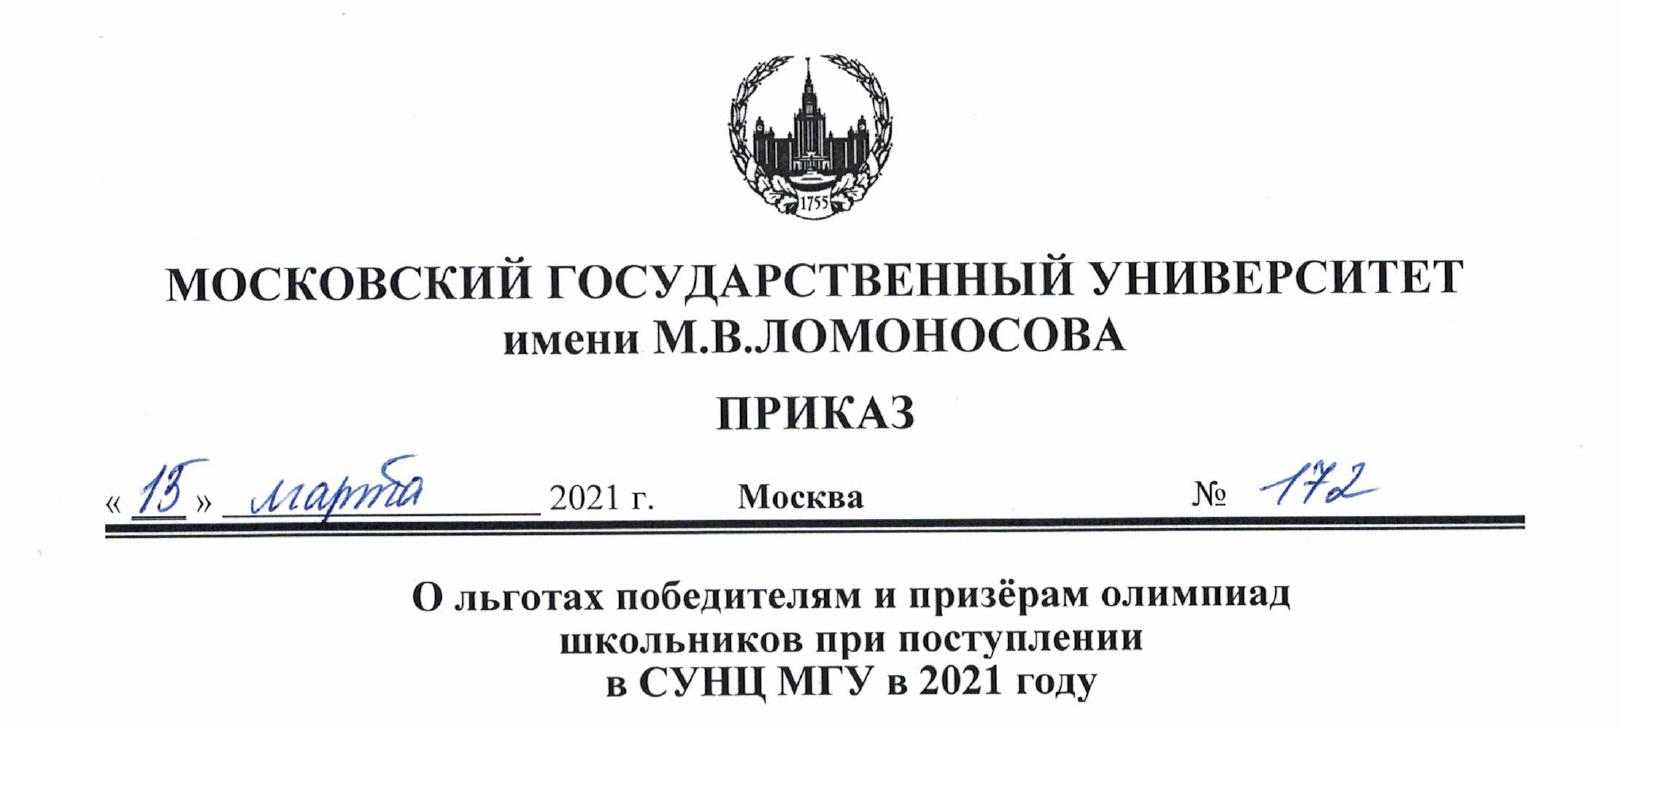 Опубликован приказ о льготах победителям и призерам олимпиад школьников при поступлении в СУНЦ МГУ в 2021 году